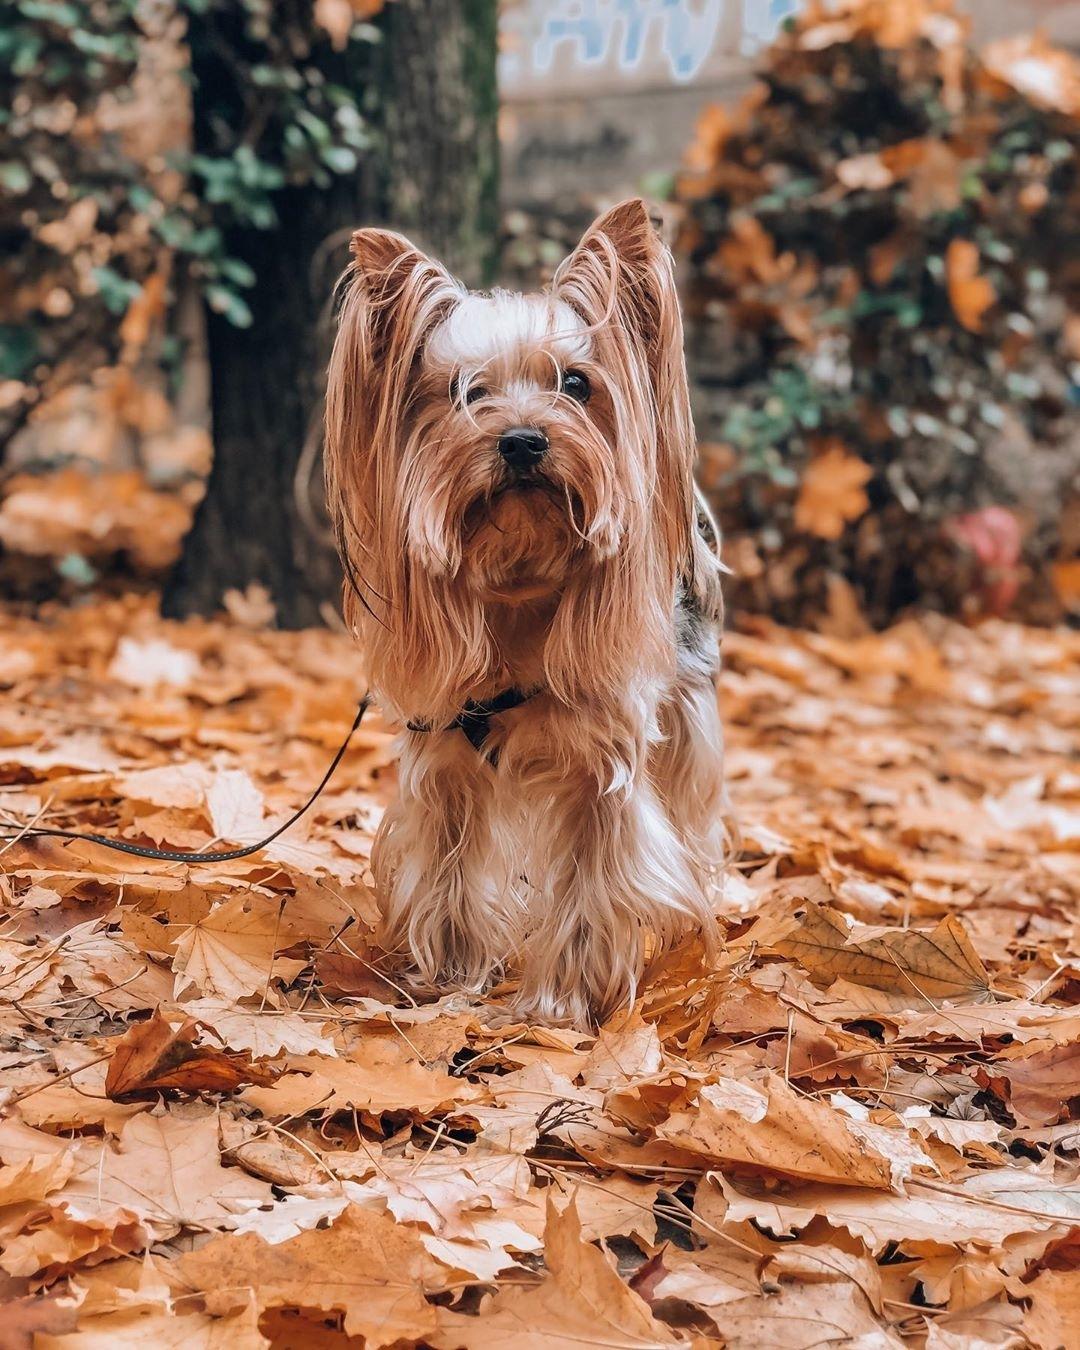 Các thực phẩm mà chó Yorkshire Terrier cần tránh là: ngô, đậu nành